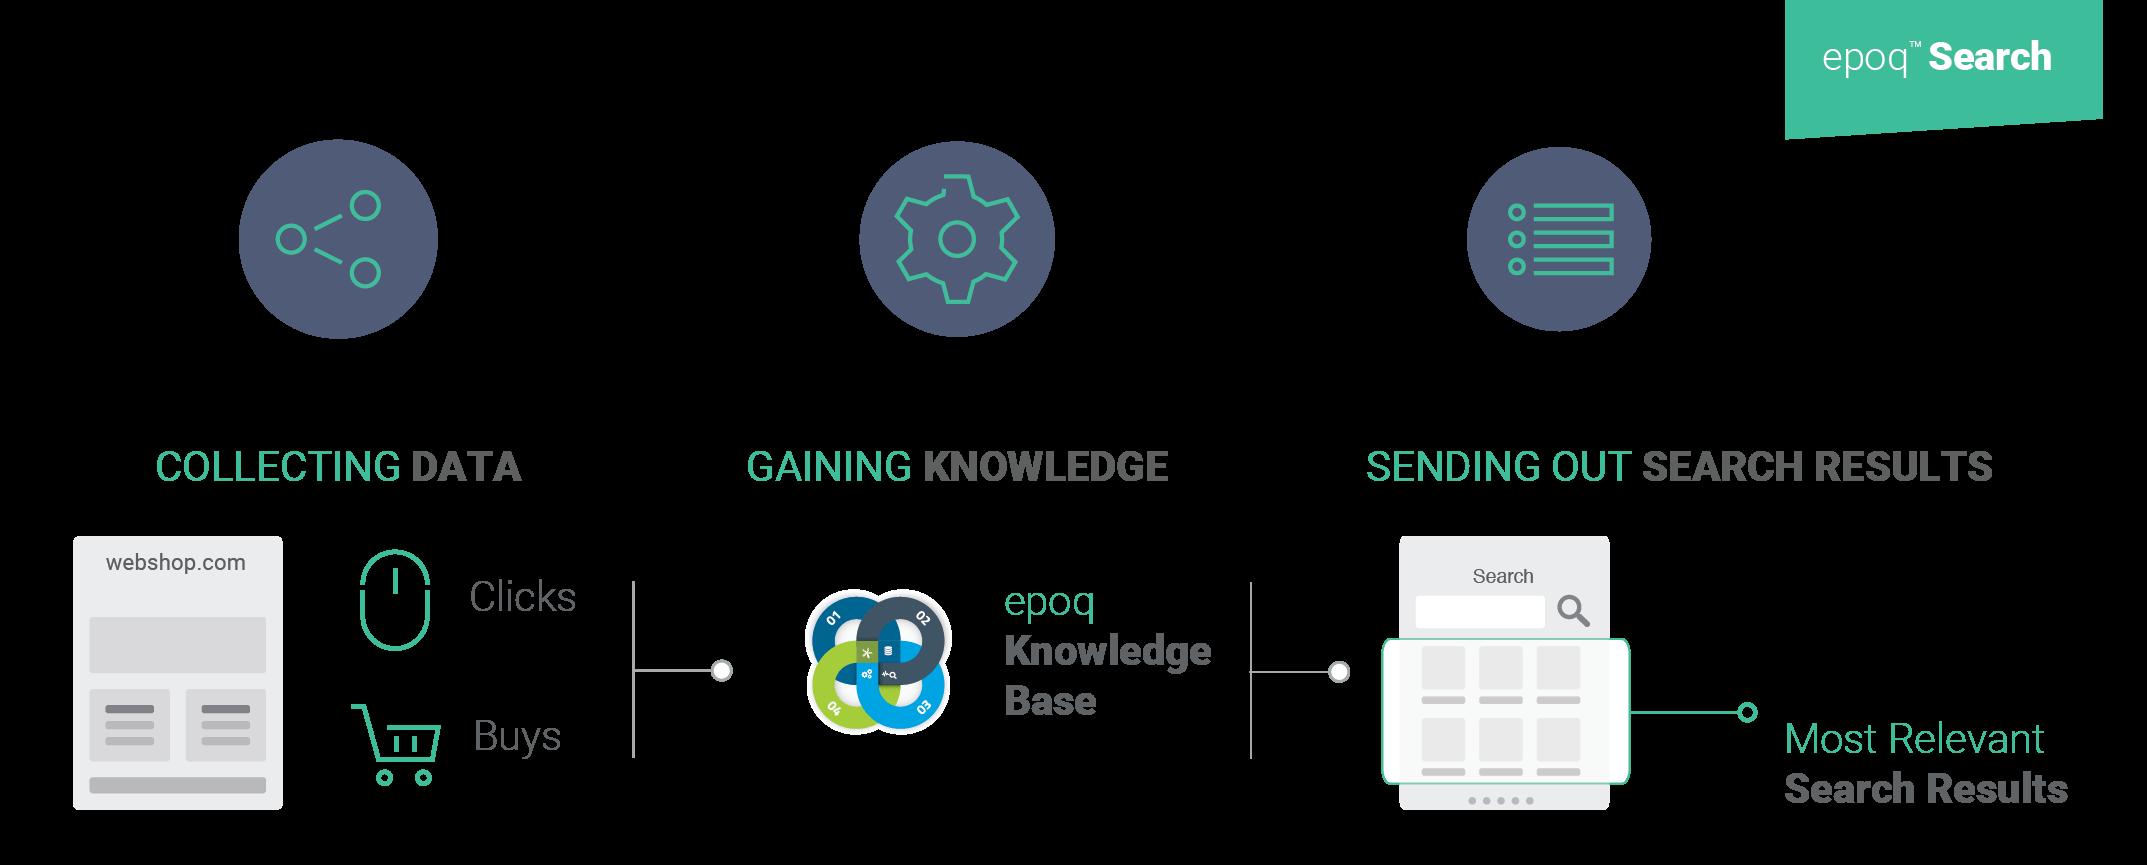 Die intelligente Suche von epoq stellt relevanteste Suchergebnisse bereit, die auf dem Klick- und Kaufverhalten aller Shop-Besucher basieren.